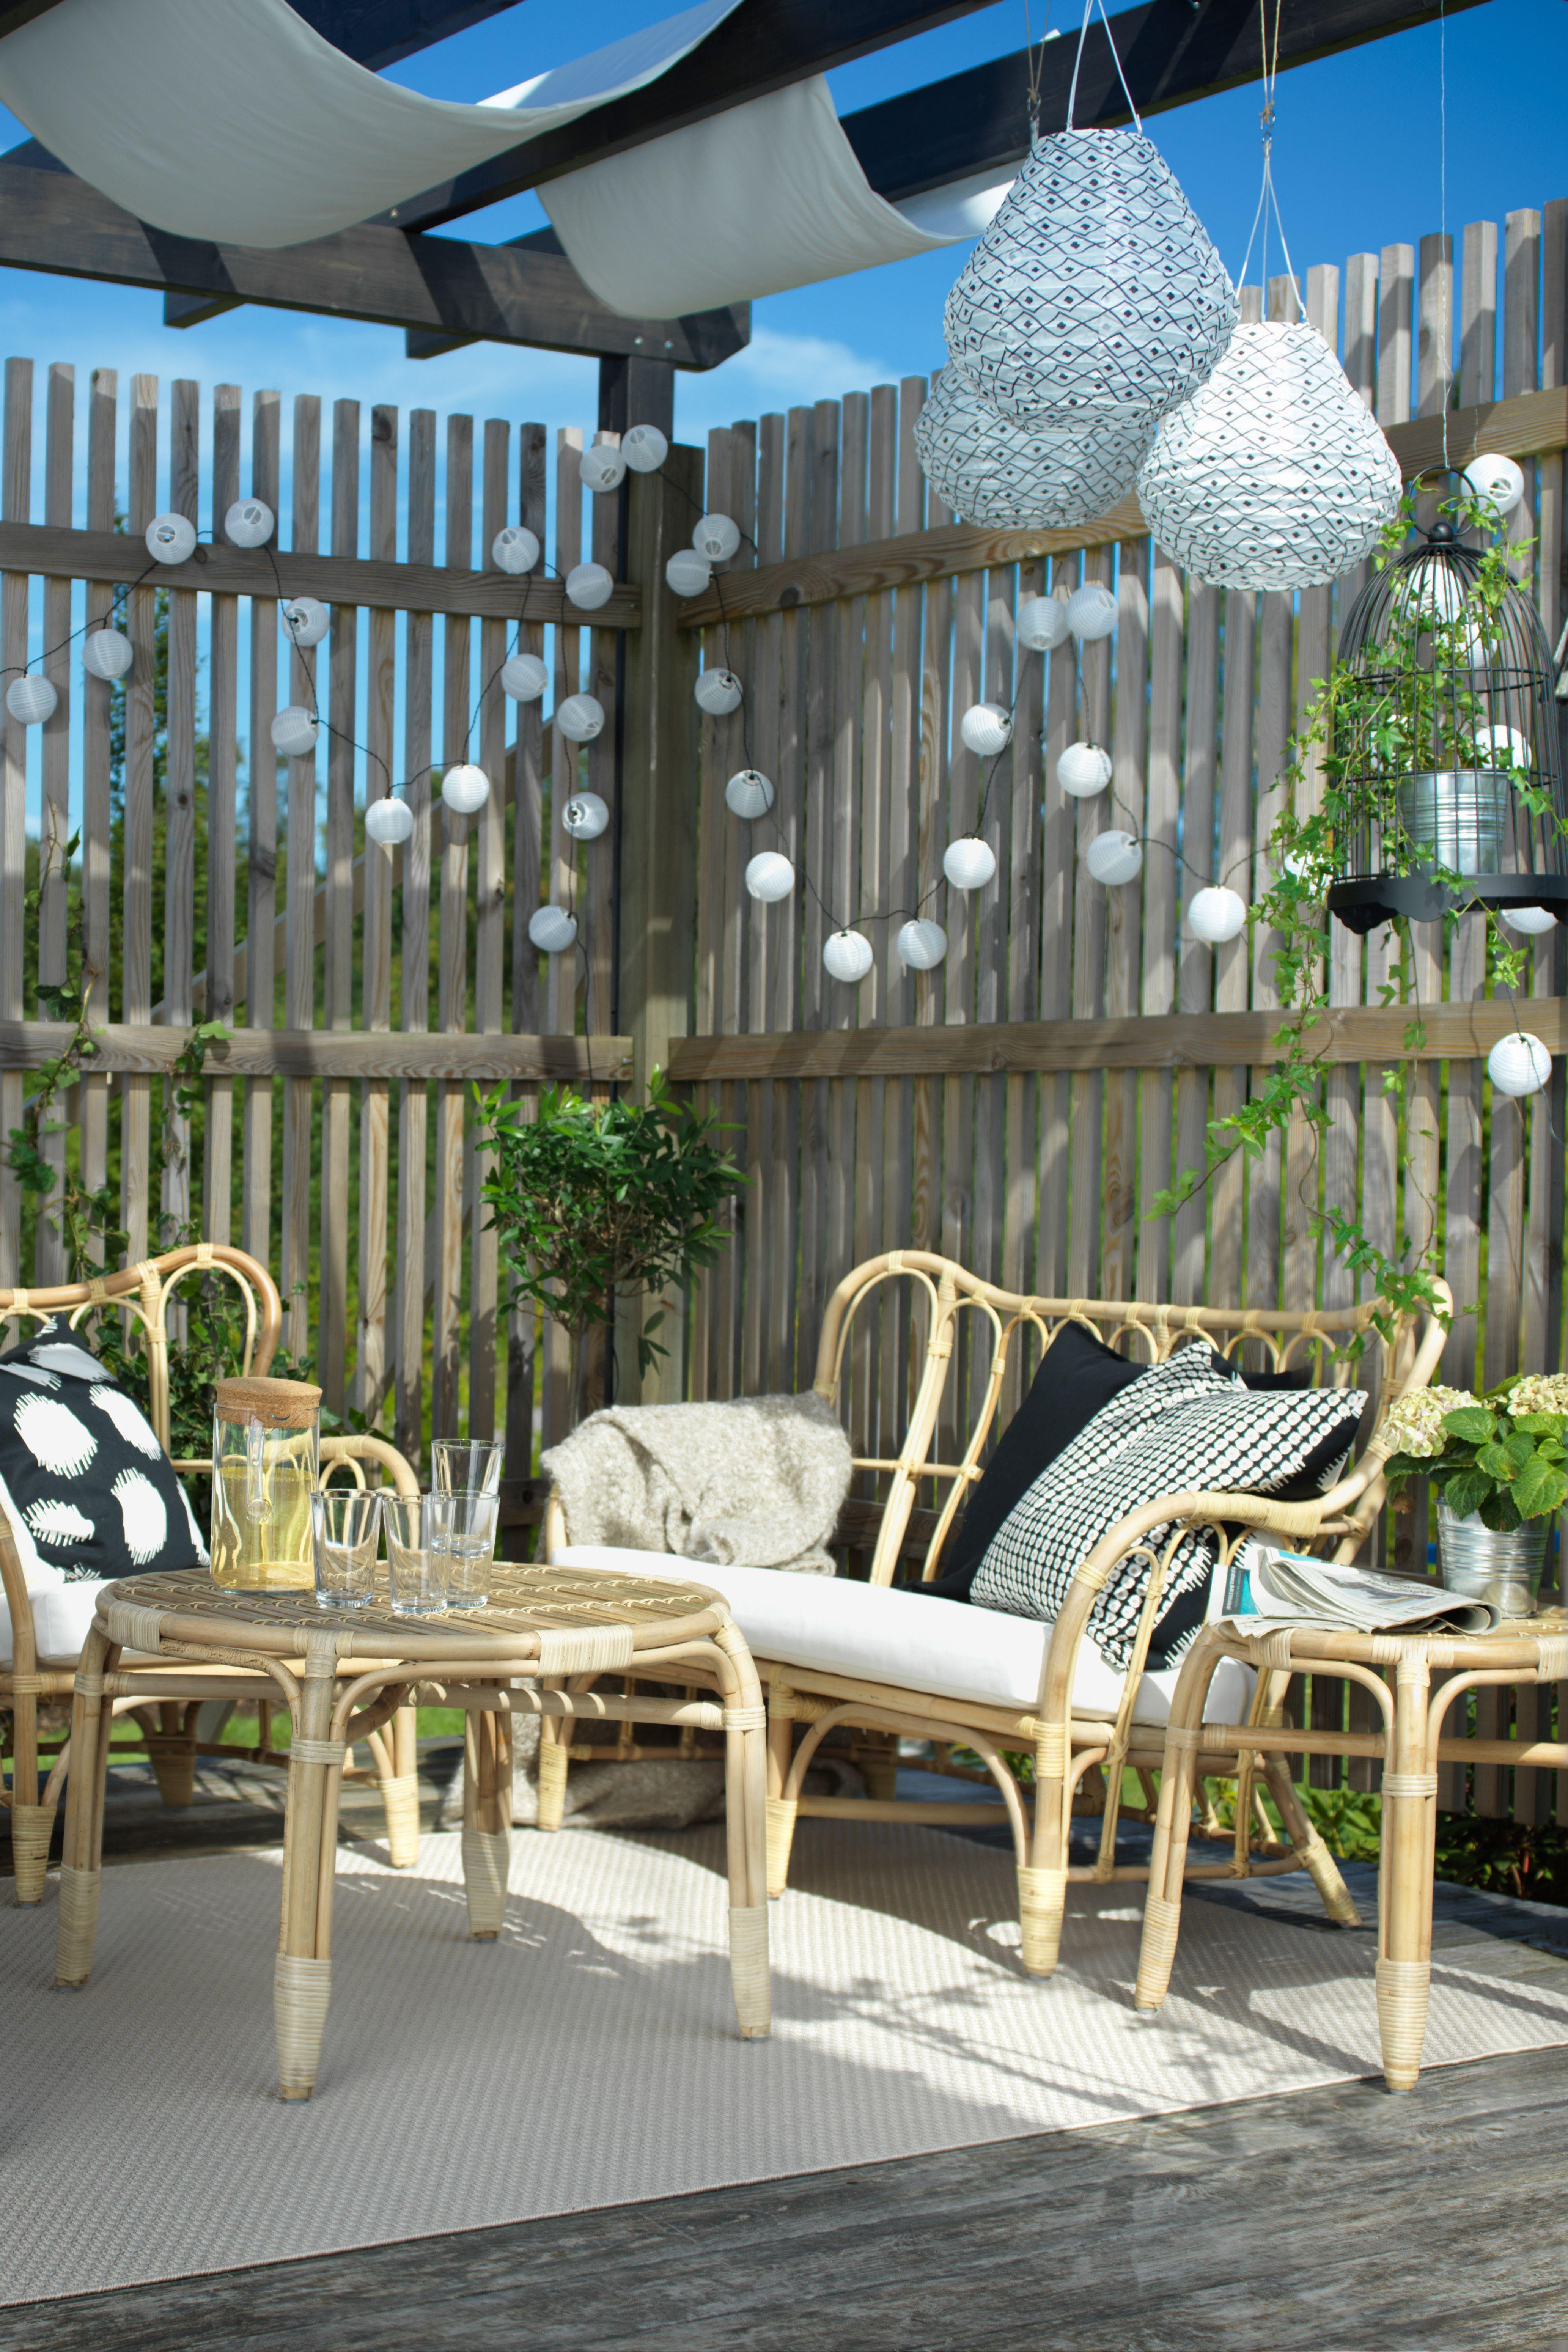 Ikea Deutschland Es Ist Nie Zu Fr H Von Sommerwetter Zu Tr Umen Ikea Meinikea Garten Ma Outdoor Furniture Outdoor Furniture Sets Pergola Ideas Privacy